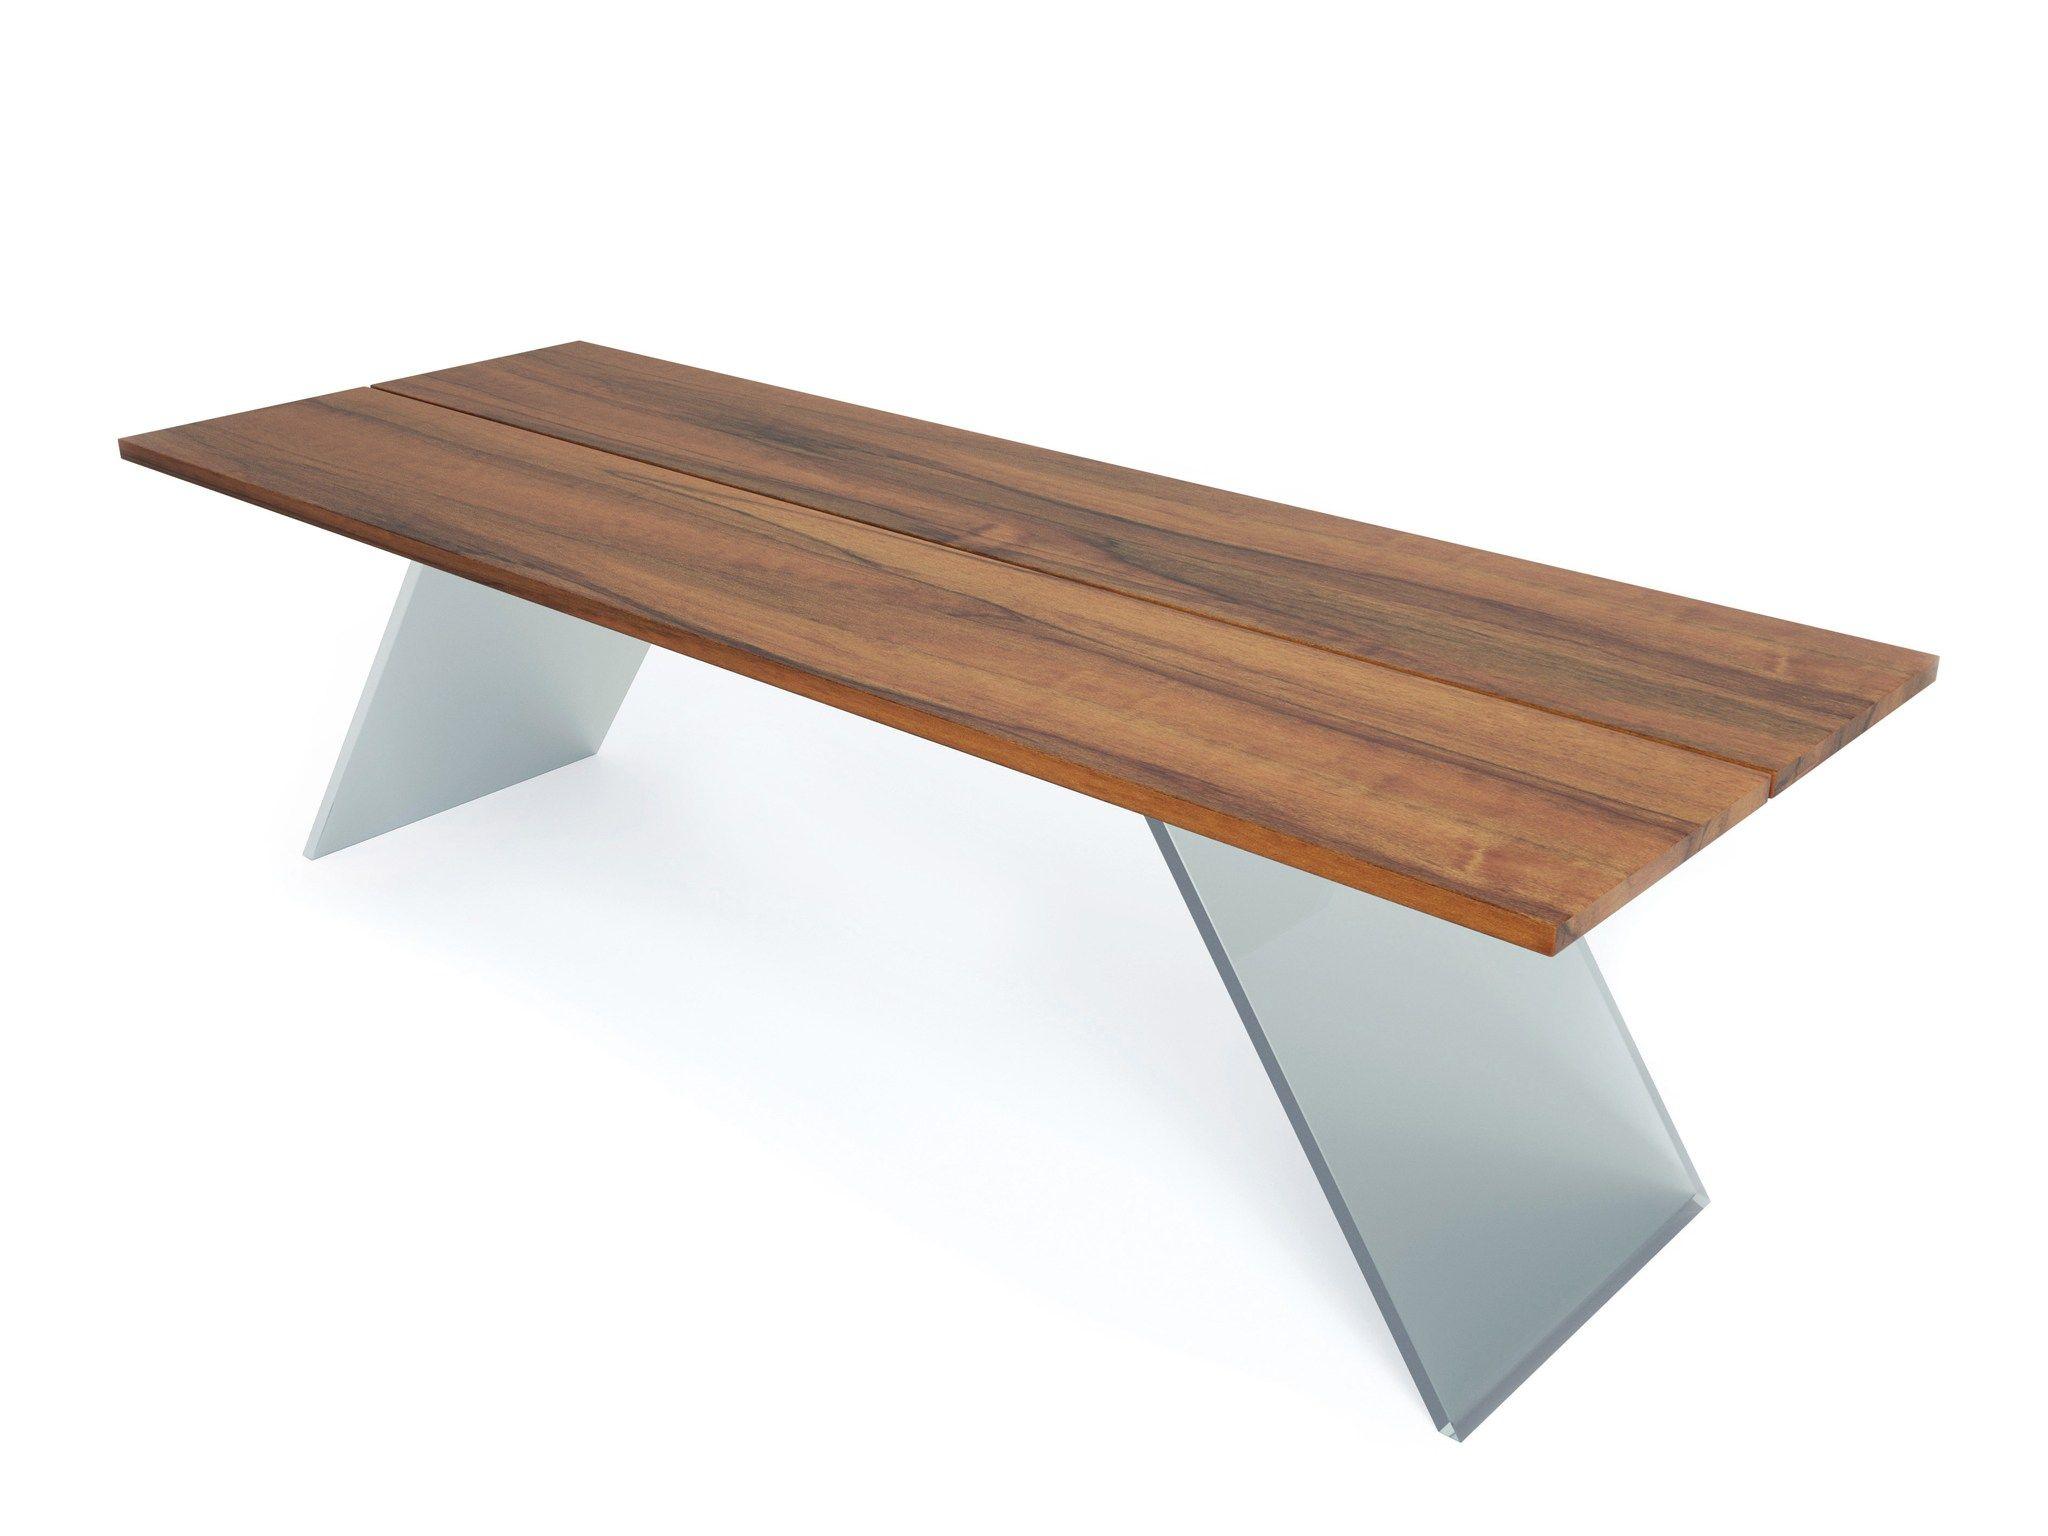 Table rectangulaire en bois et verre flyer by estel group - Table verre rectangulaire ...